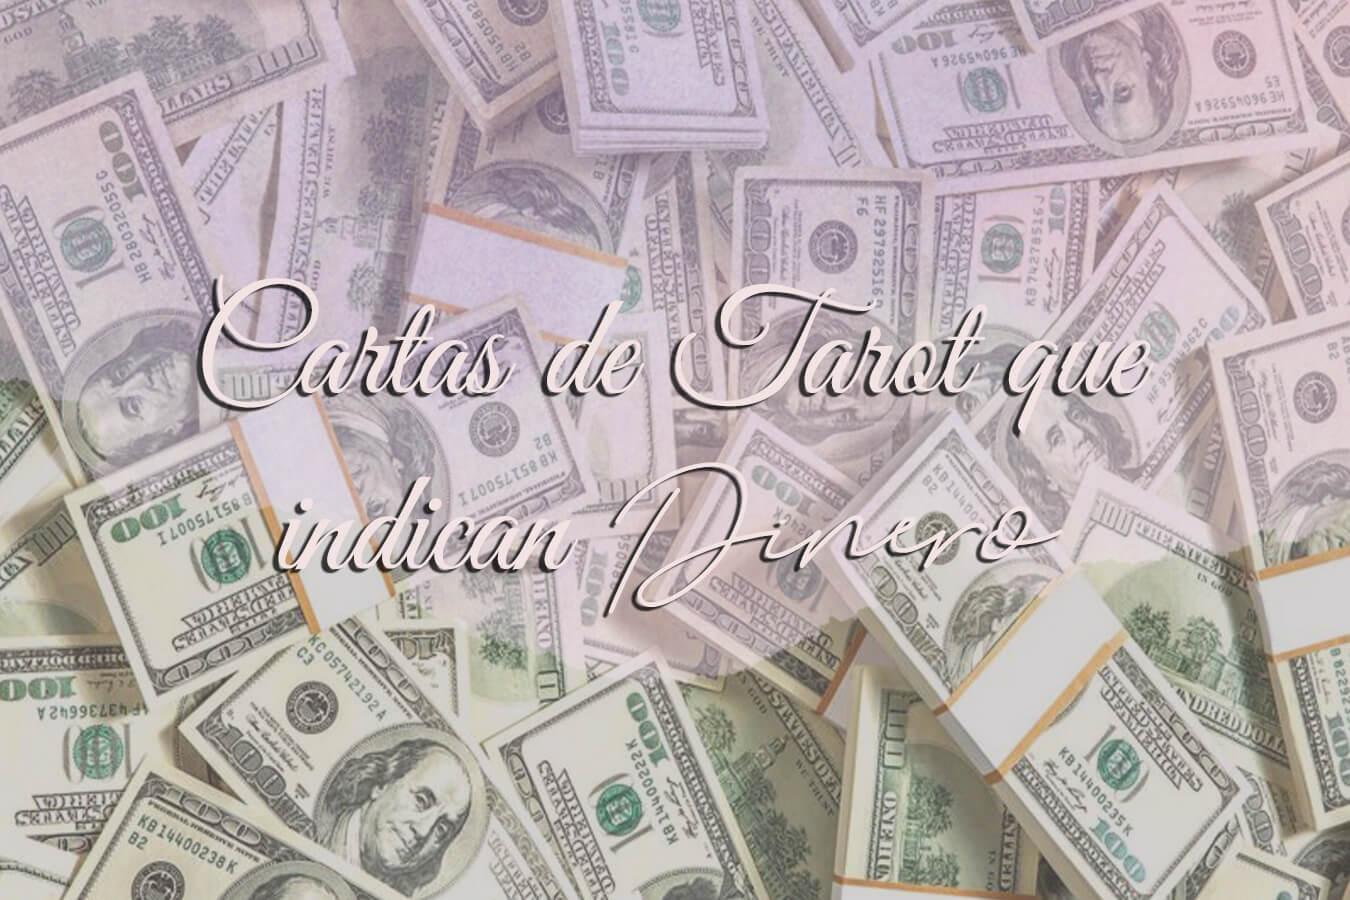 Cartas de Tarot que indican dinero